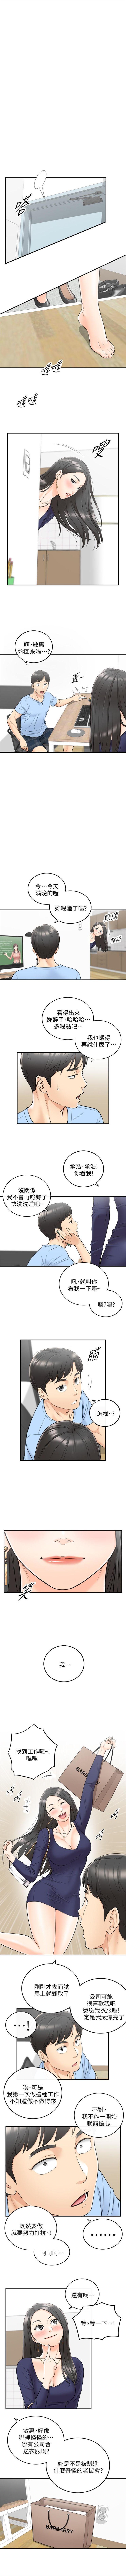 (週5)正妹小主管 1-39 中文翻譯(更新中) 217